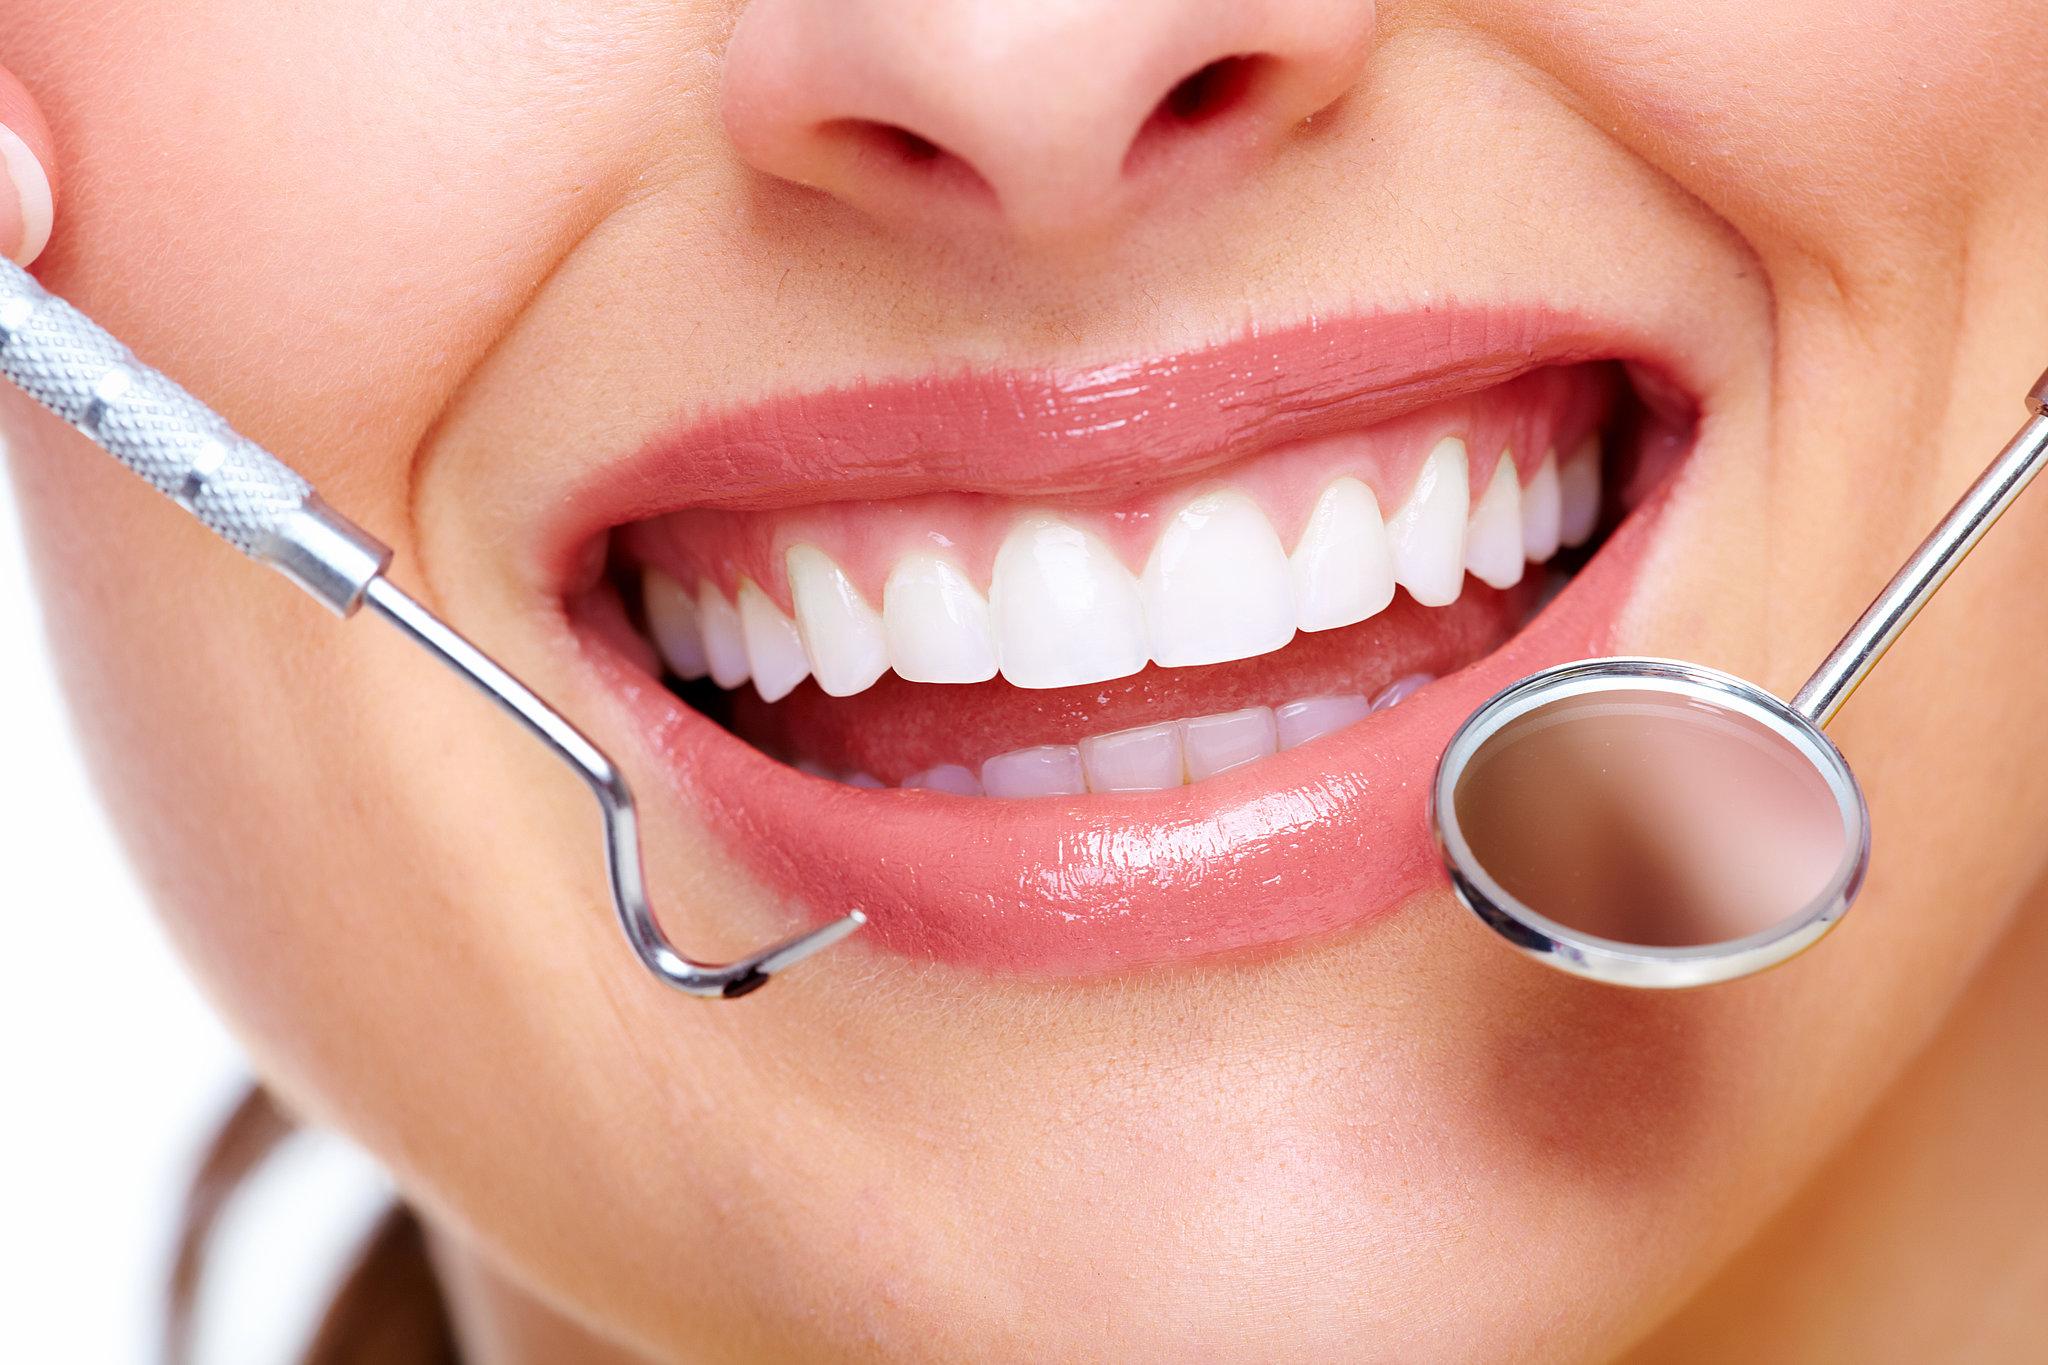 OLE TEADLIK! Kuidas toituda nii, et hambad püsiksid terved